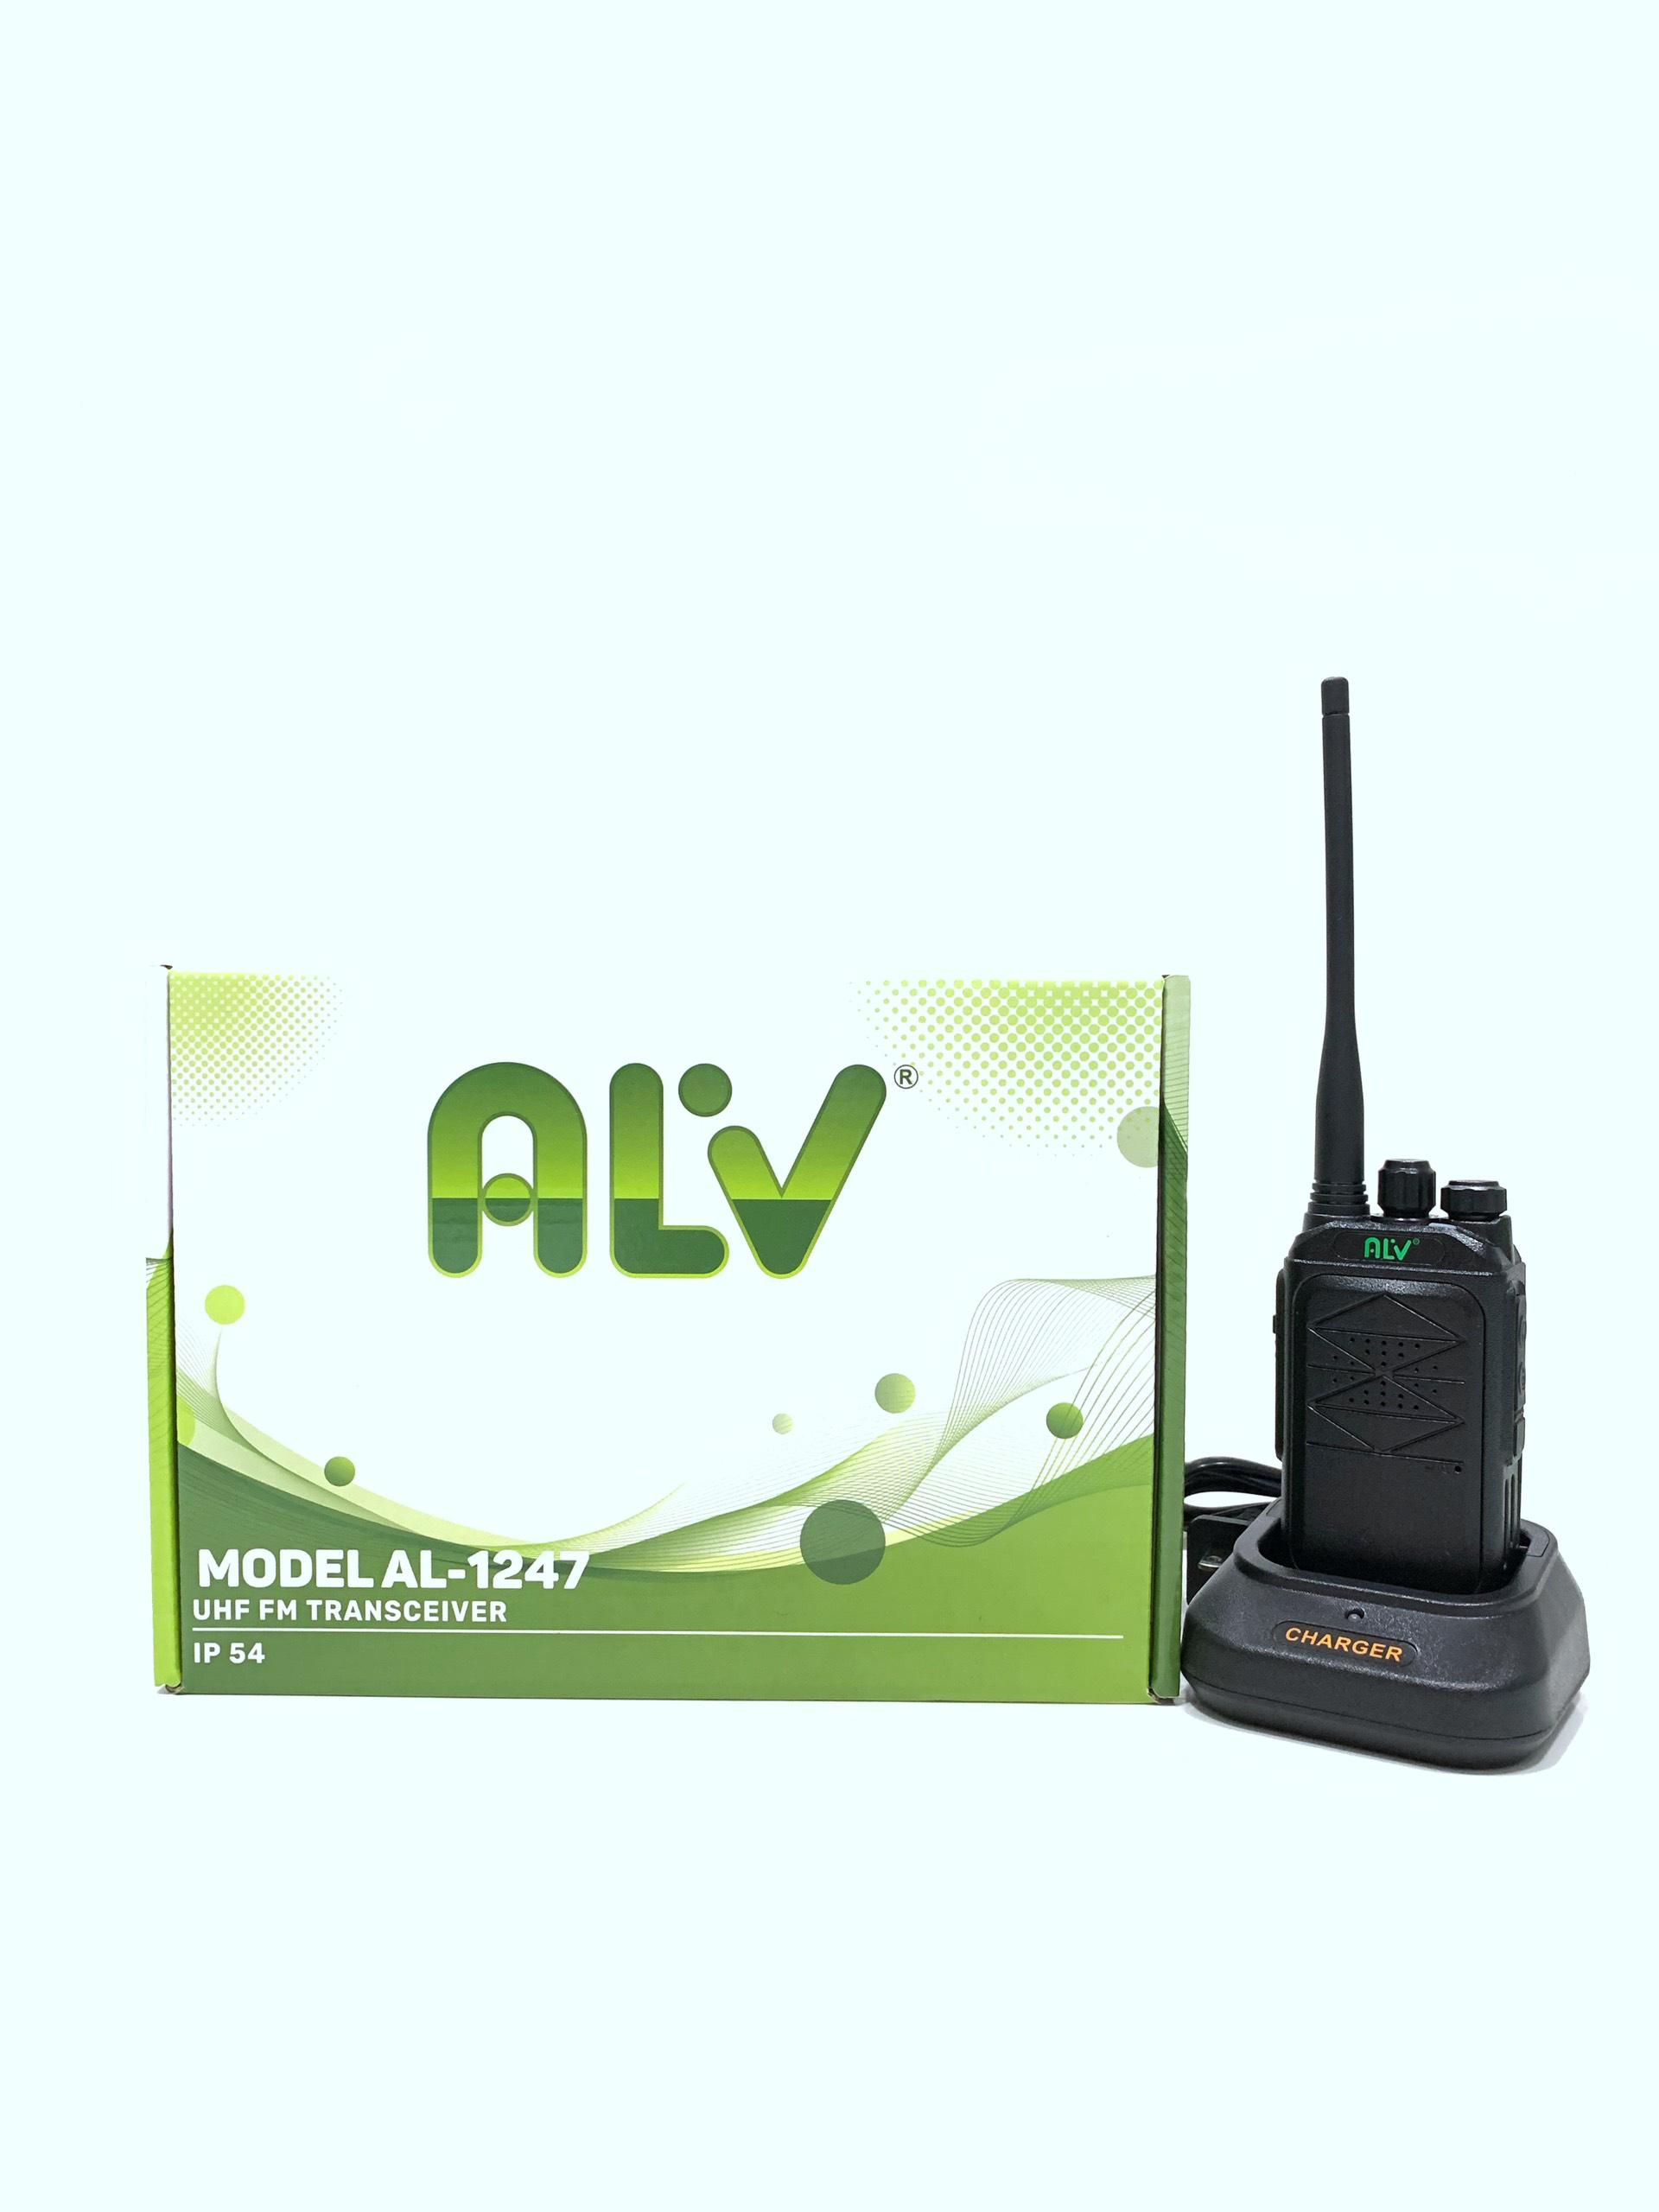 Máy bộ đàm ALV AL - 1247